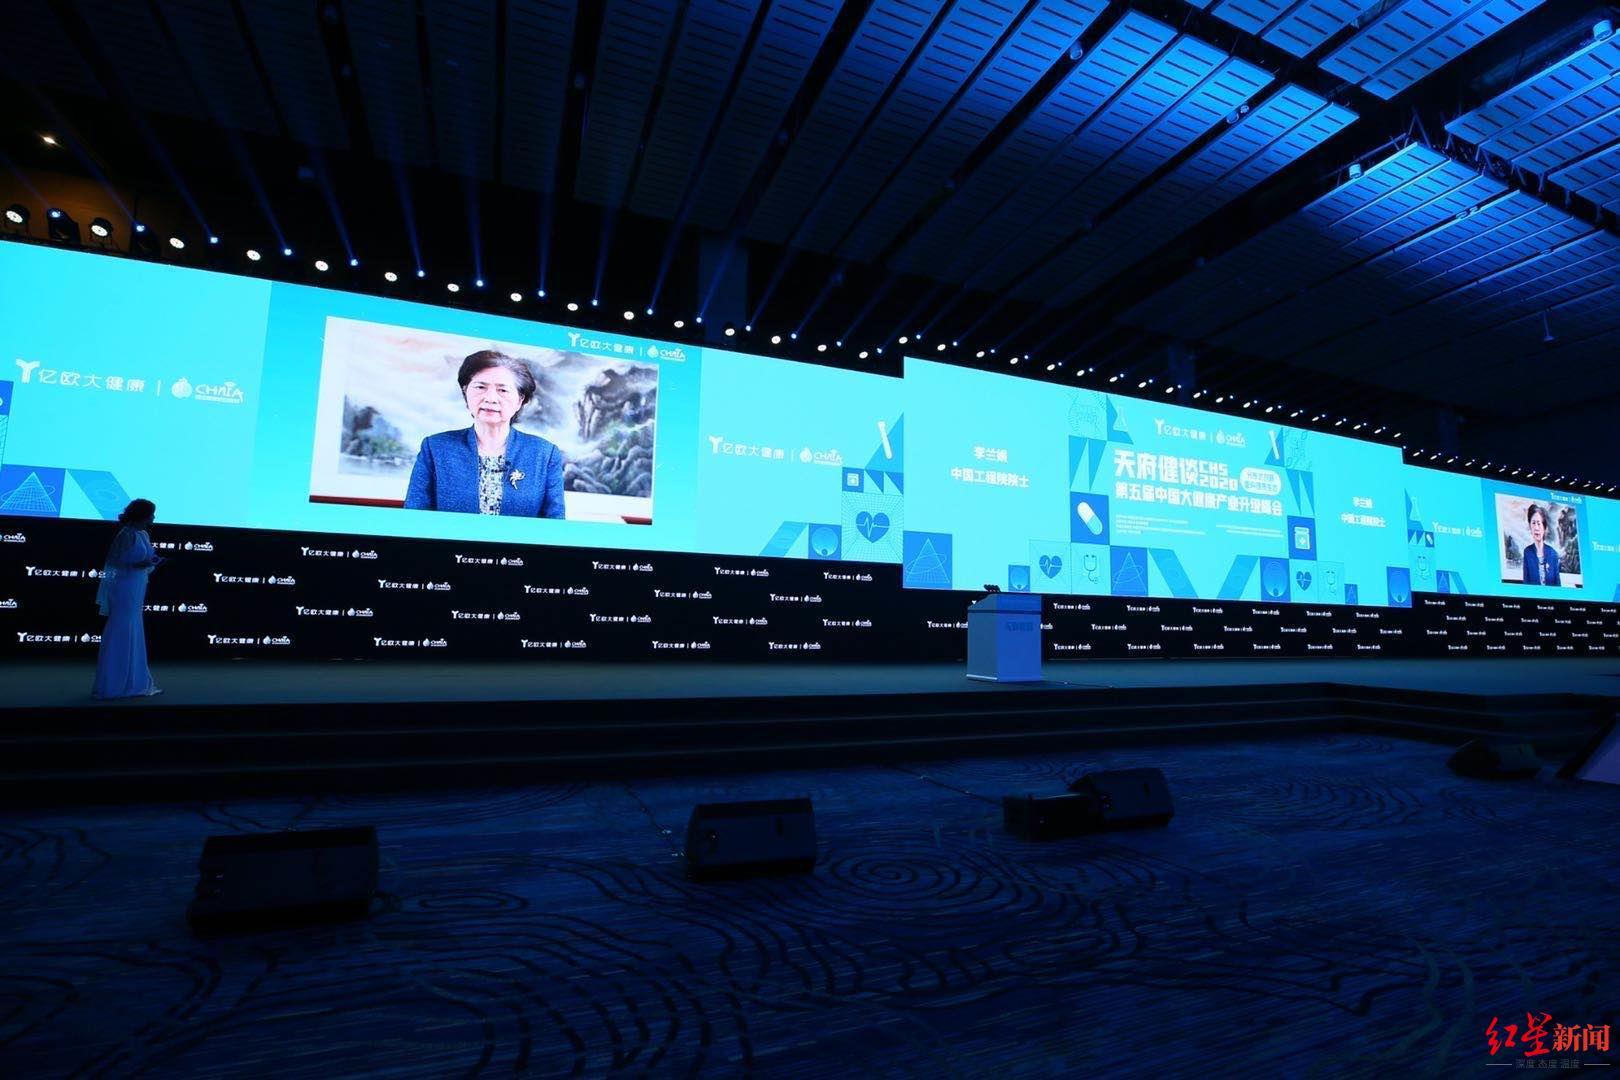 李兰娟谈抗疫经验:北京新发地疫情 利用人工智能很快发现高危人群图片